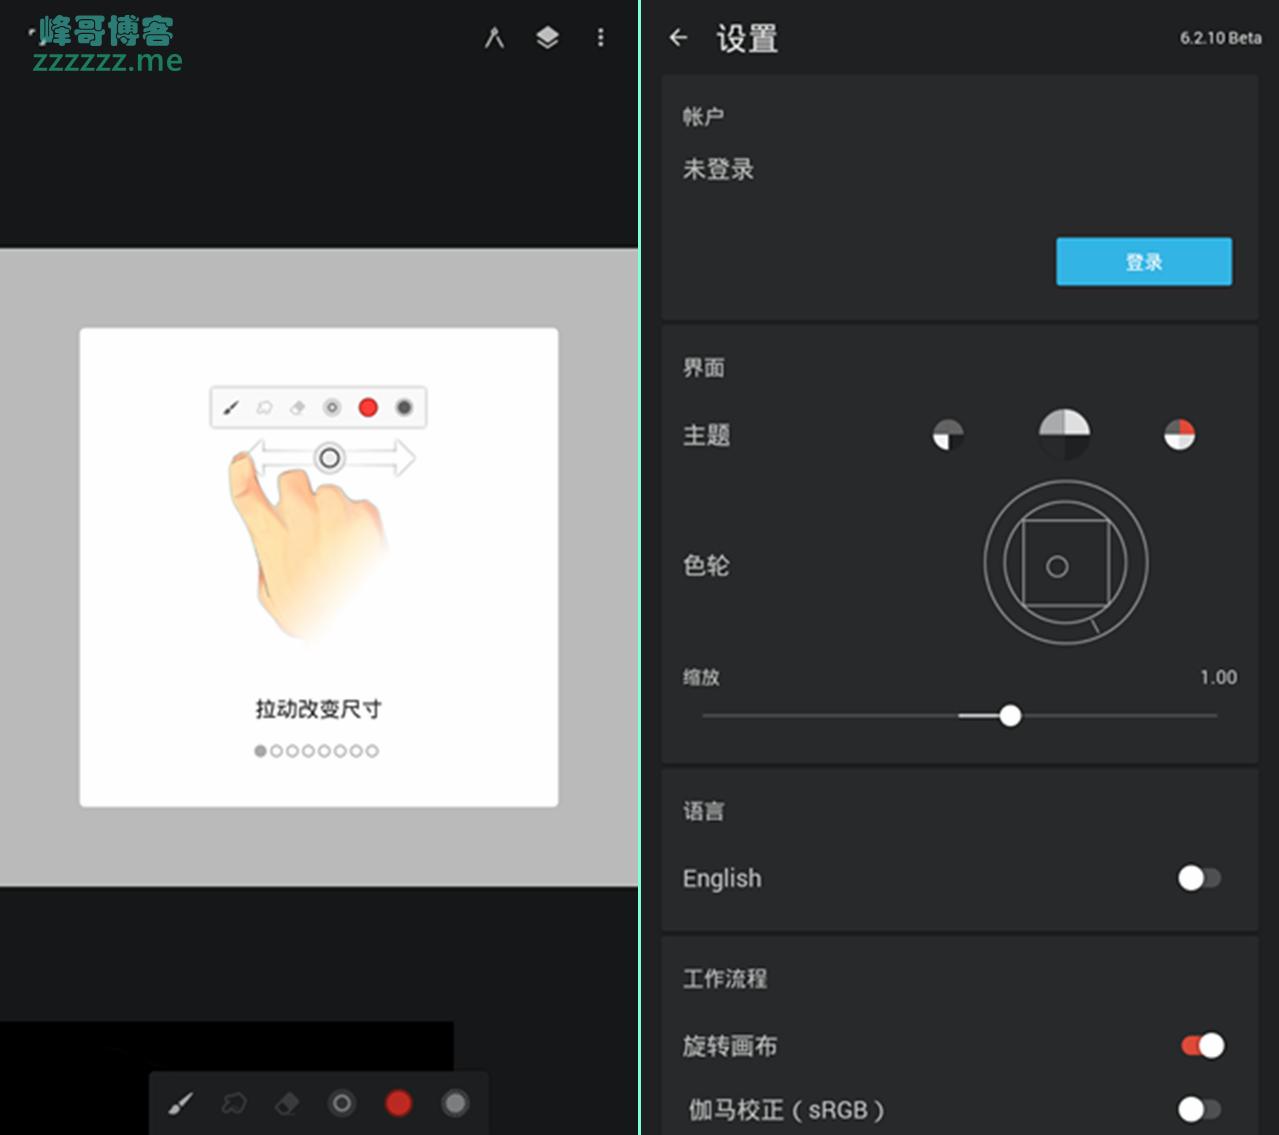 安卓无限绘画Infinite Painter v6.2.1中文汉化版